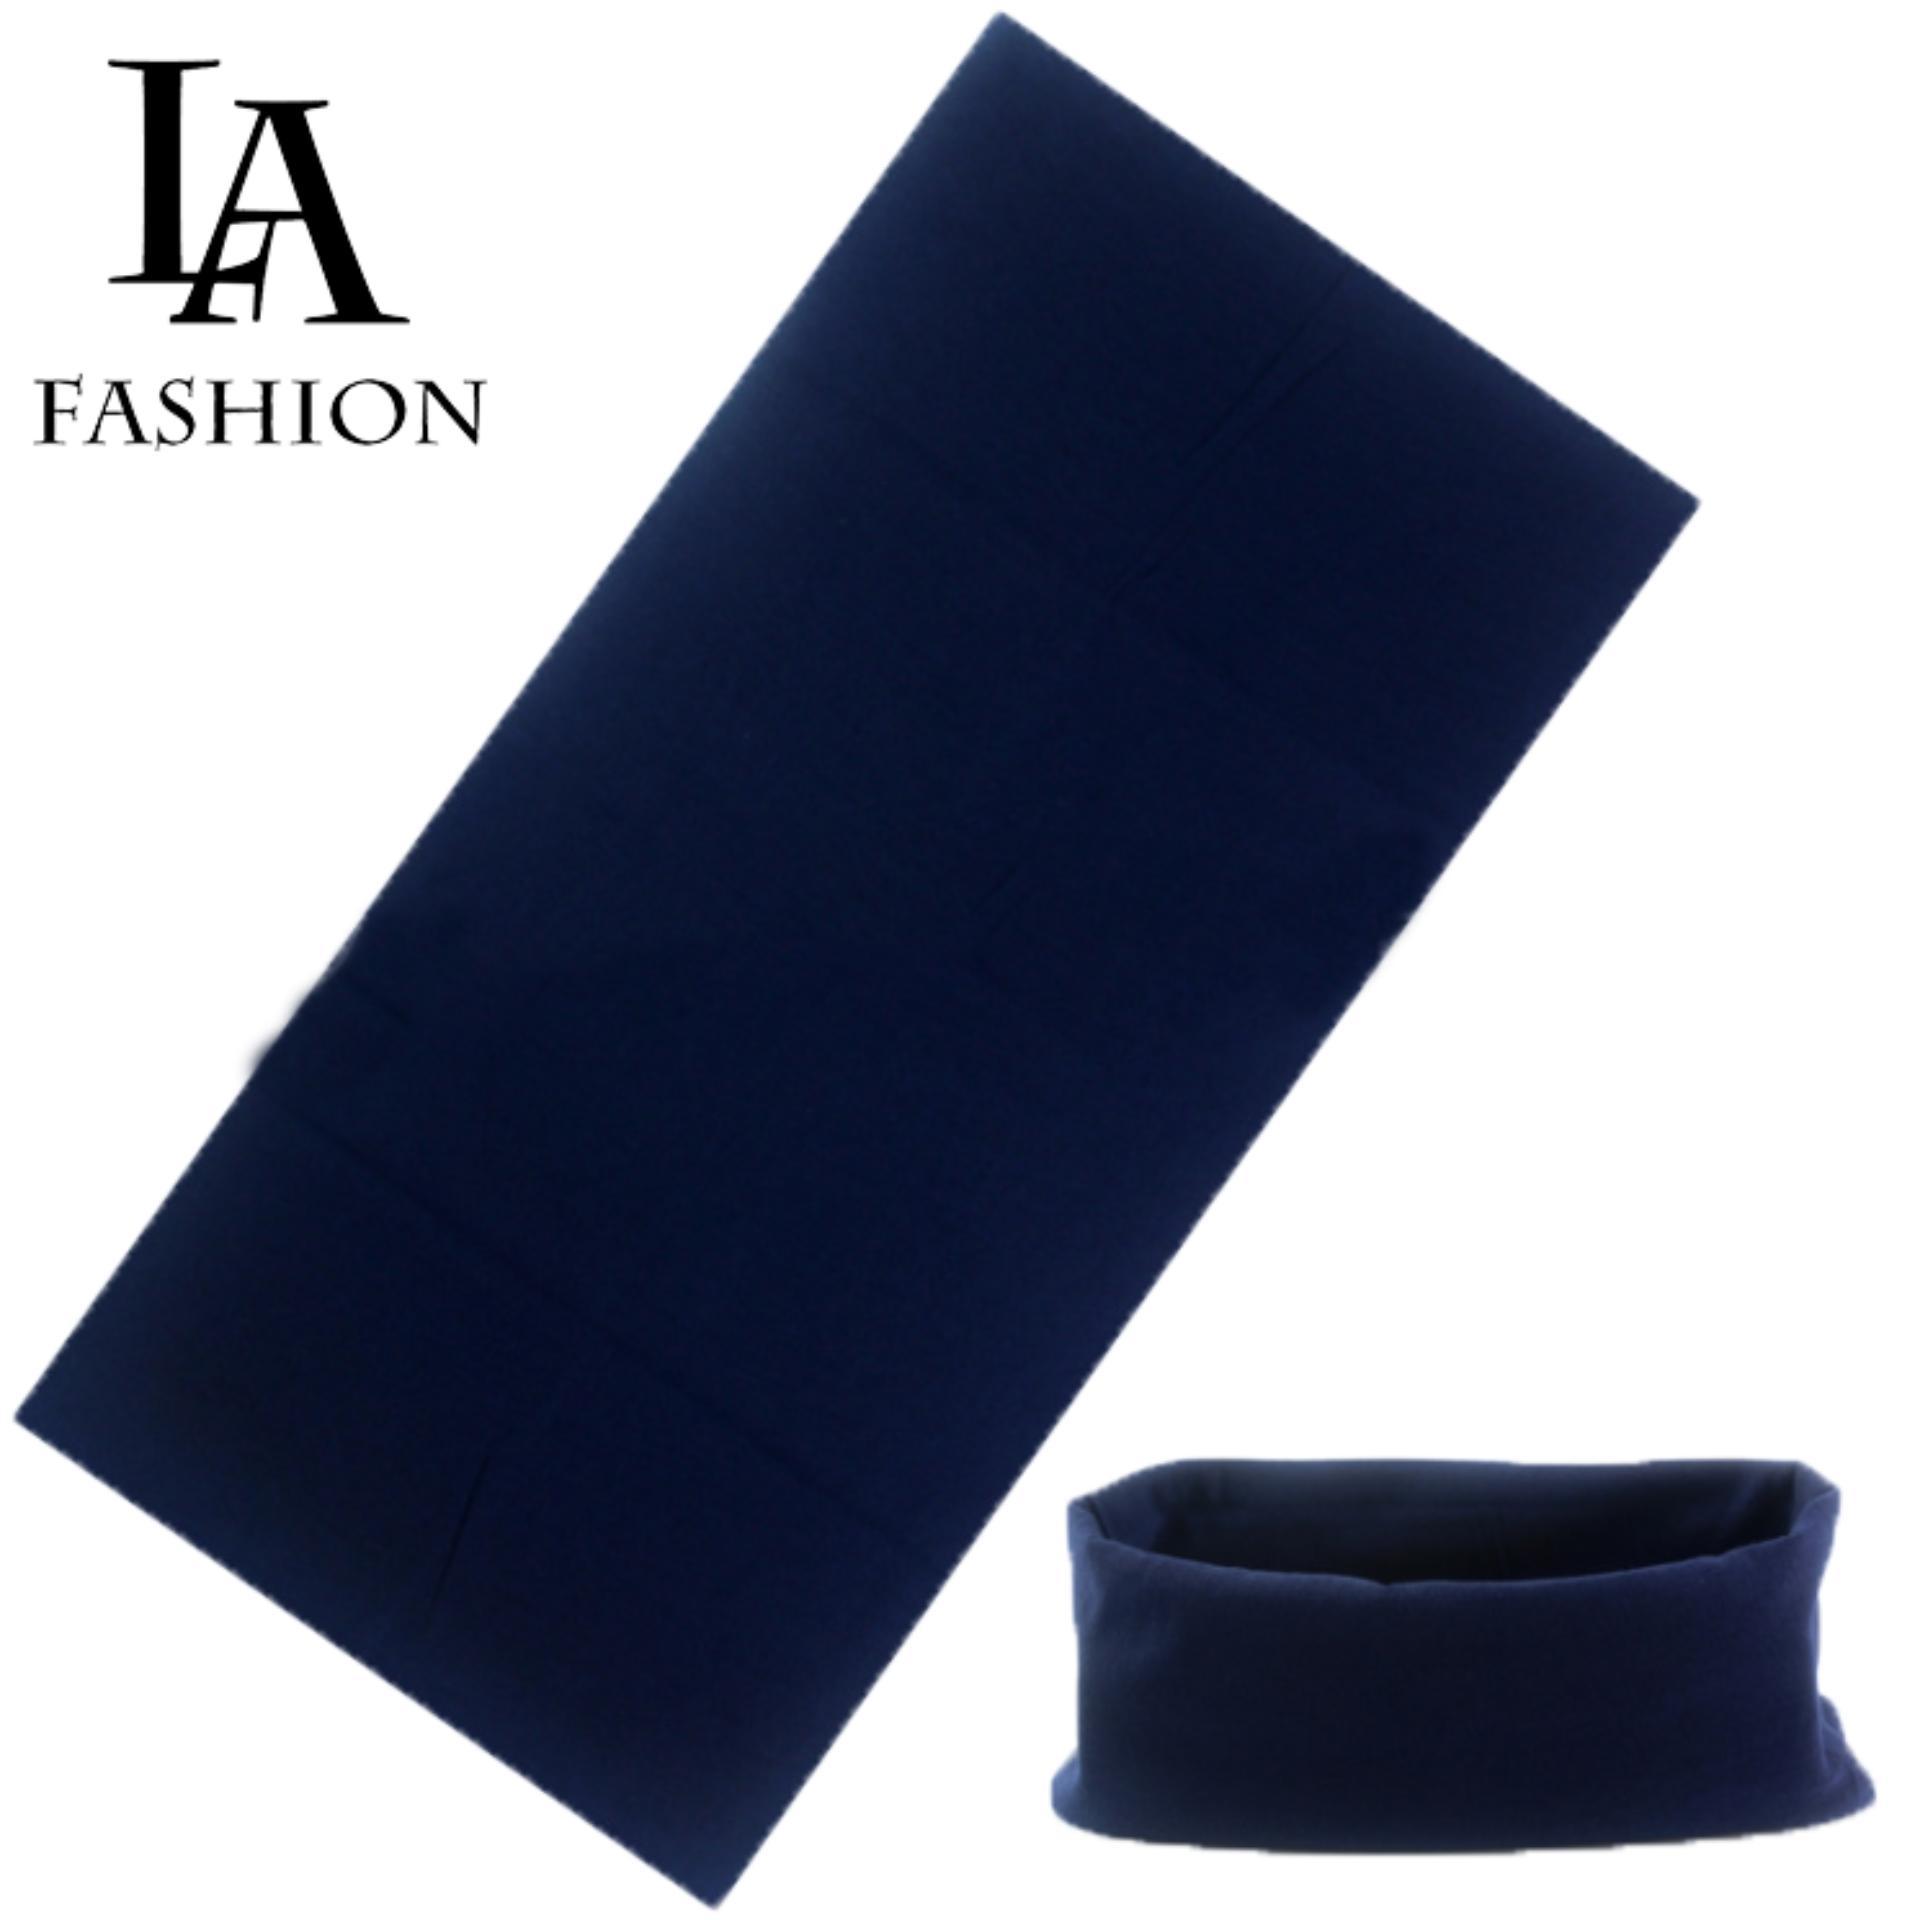 Khăn đa năng nữ thể thao dành cho phượt thủ – Chất liệu sợi siêu mịn polyester – Kích thước 25×48 cm ZAVANS (Xanh than).